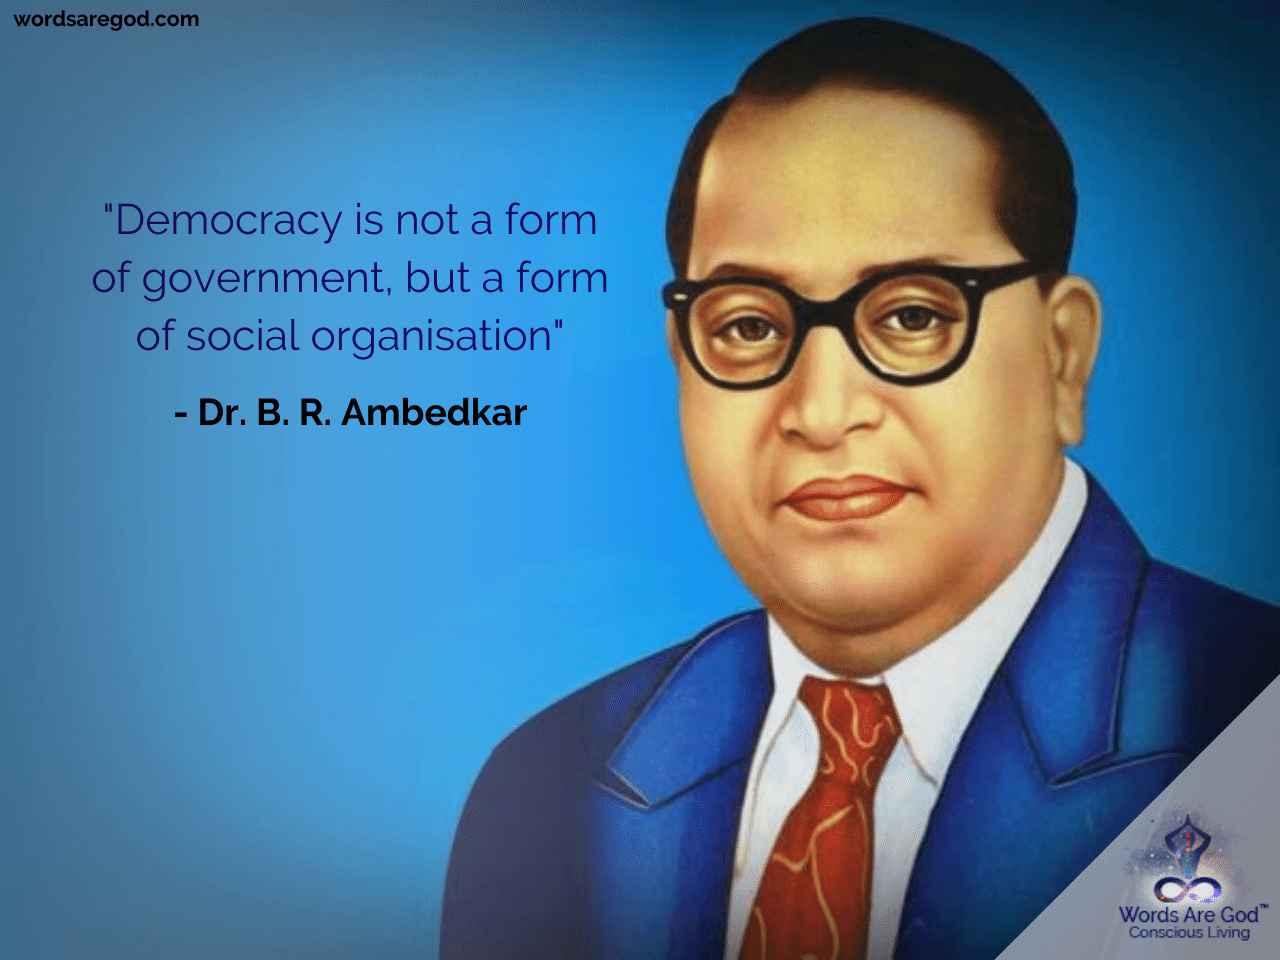 Dr. B. R. Ambedkar   Motivational Quote by Dr. B. R. Ambedkar